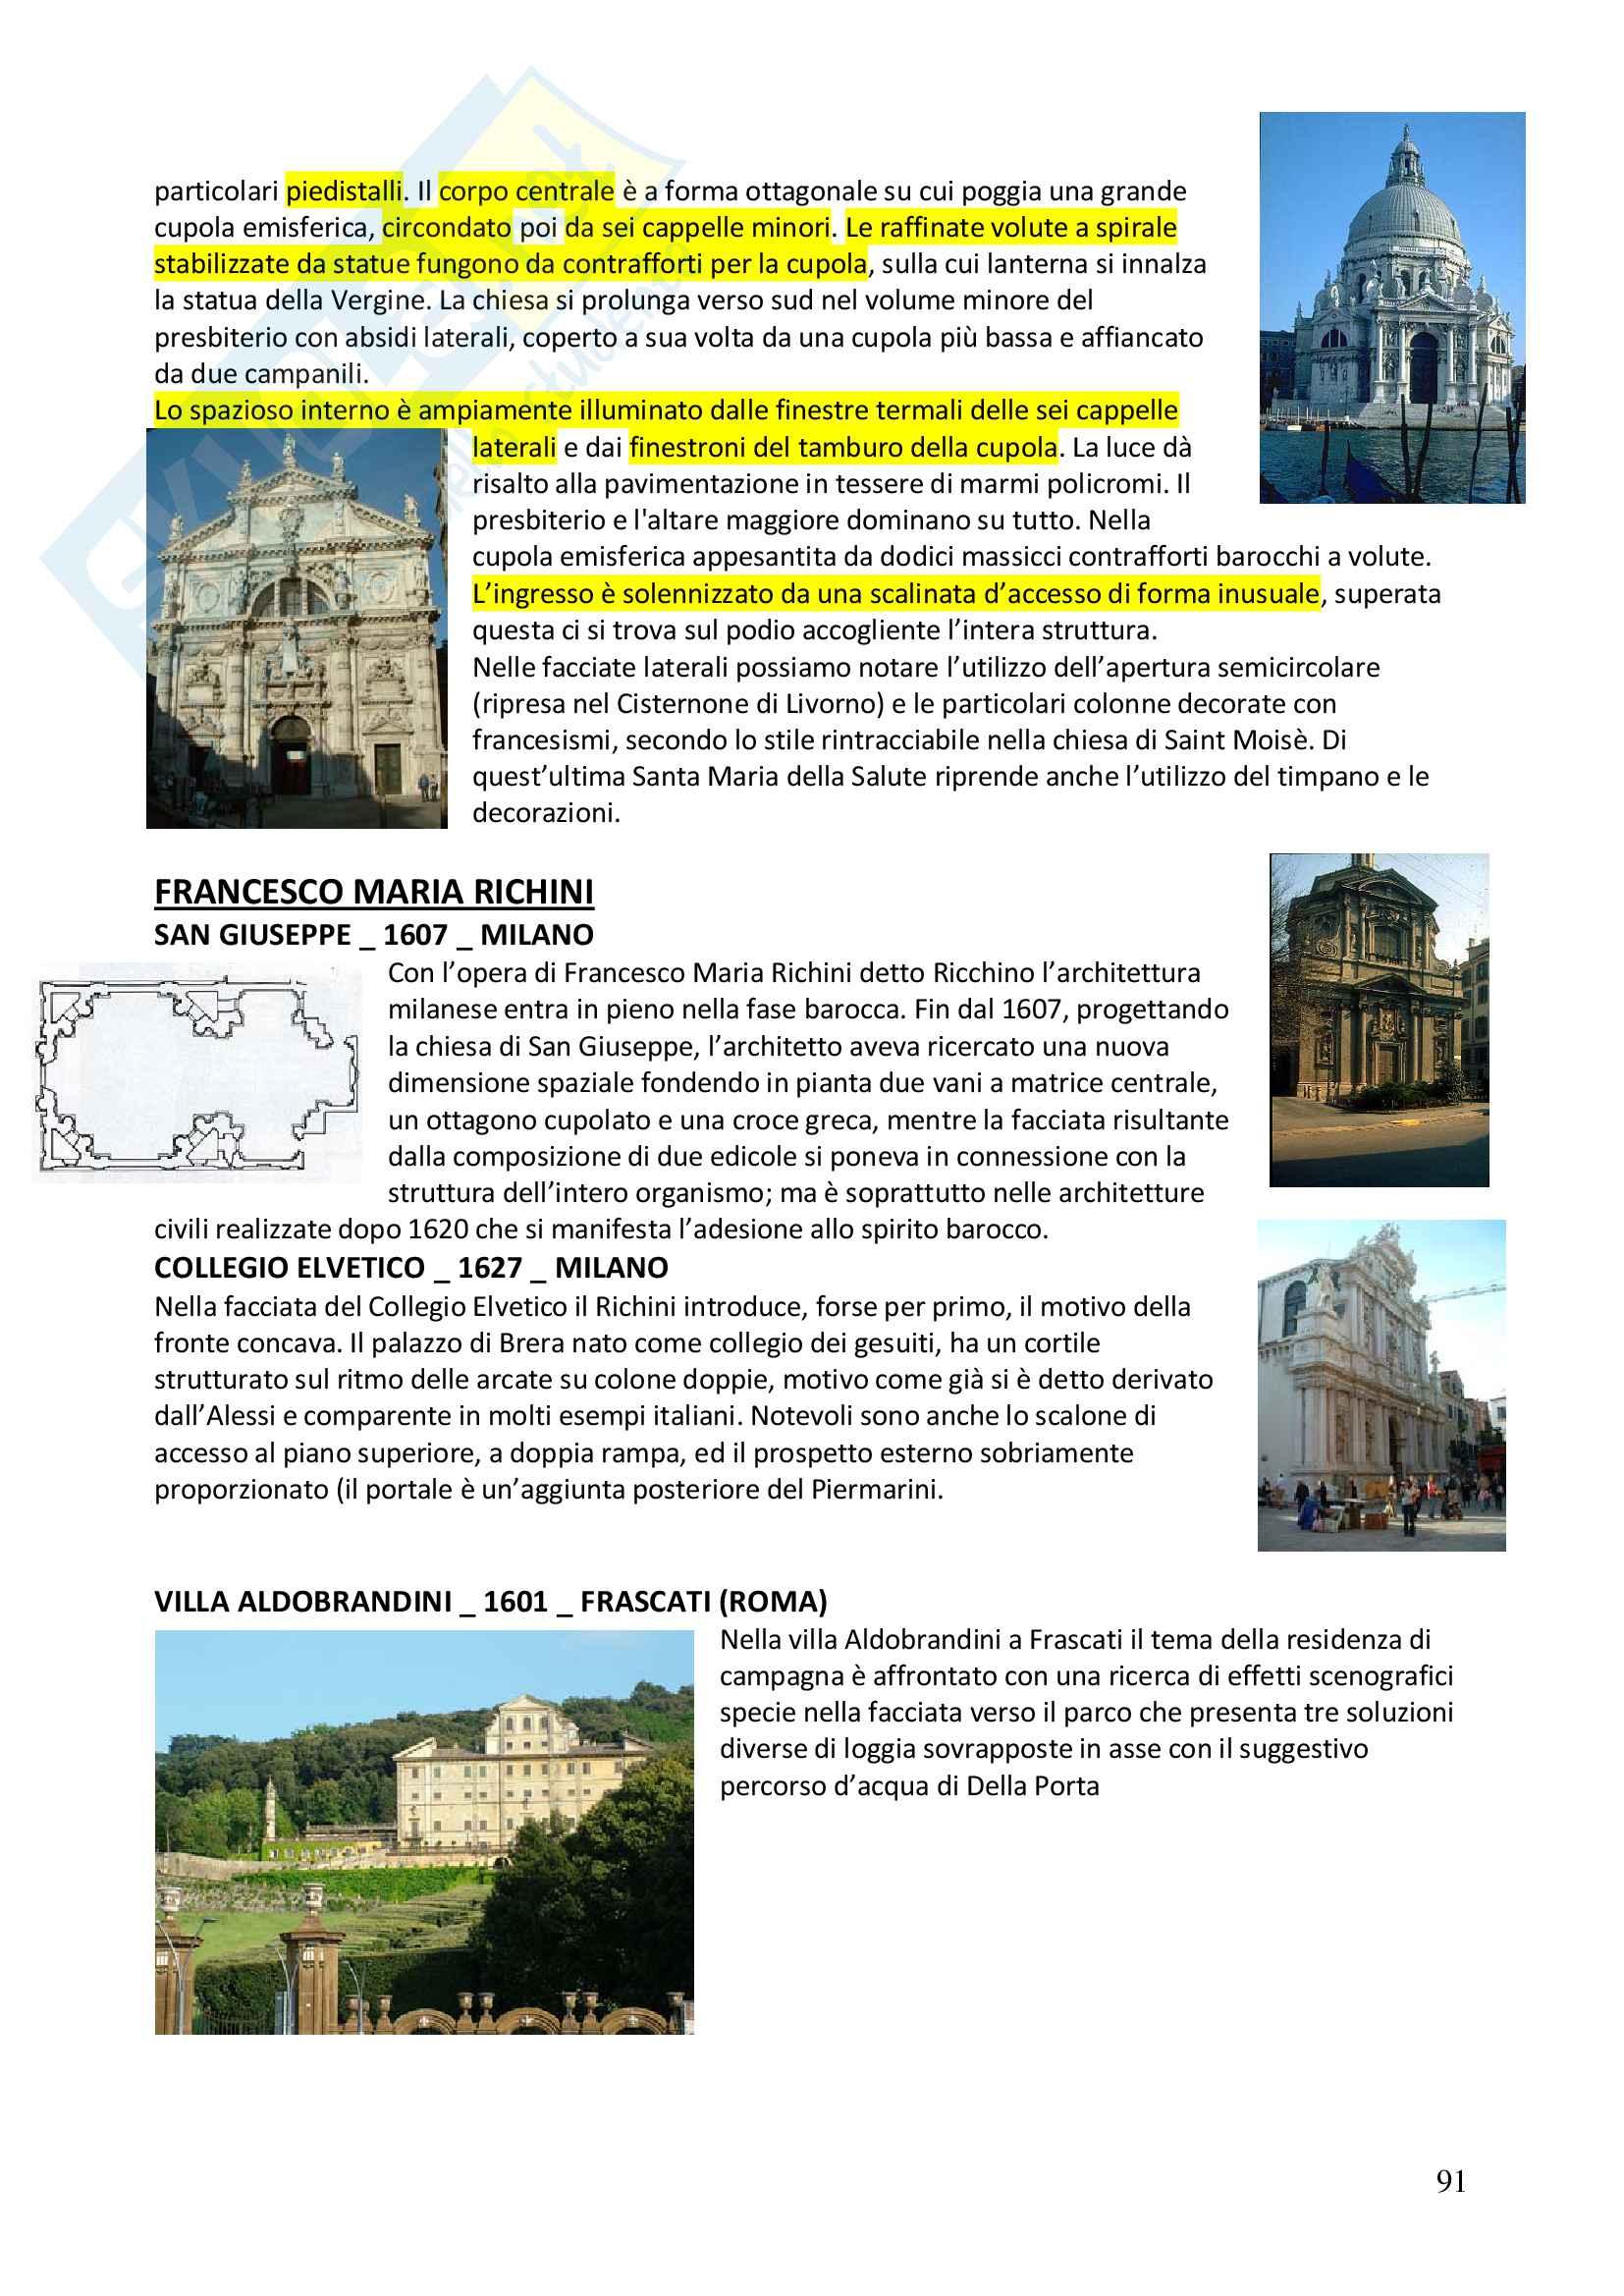 Appunti completi Storia dell'architettura 1+ Immagini Pag. 91